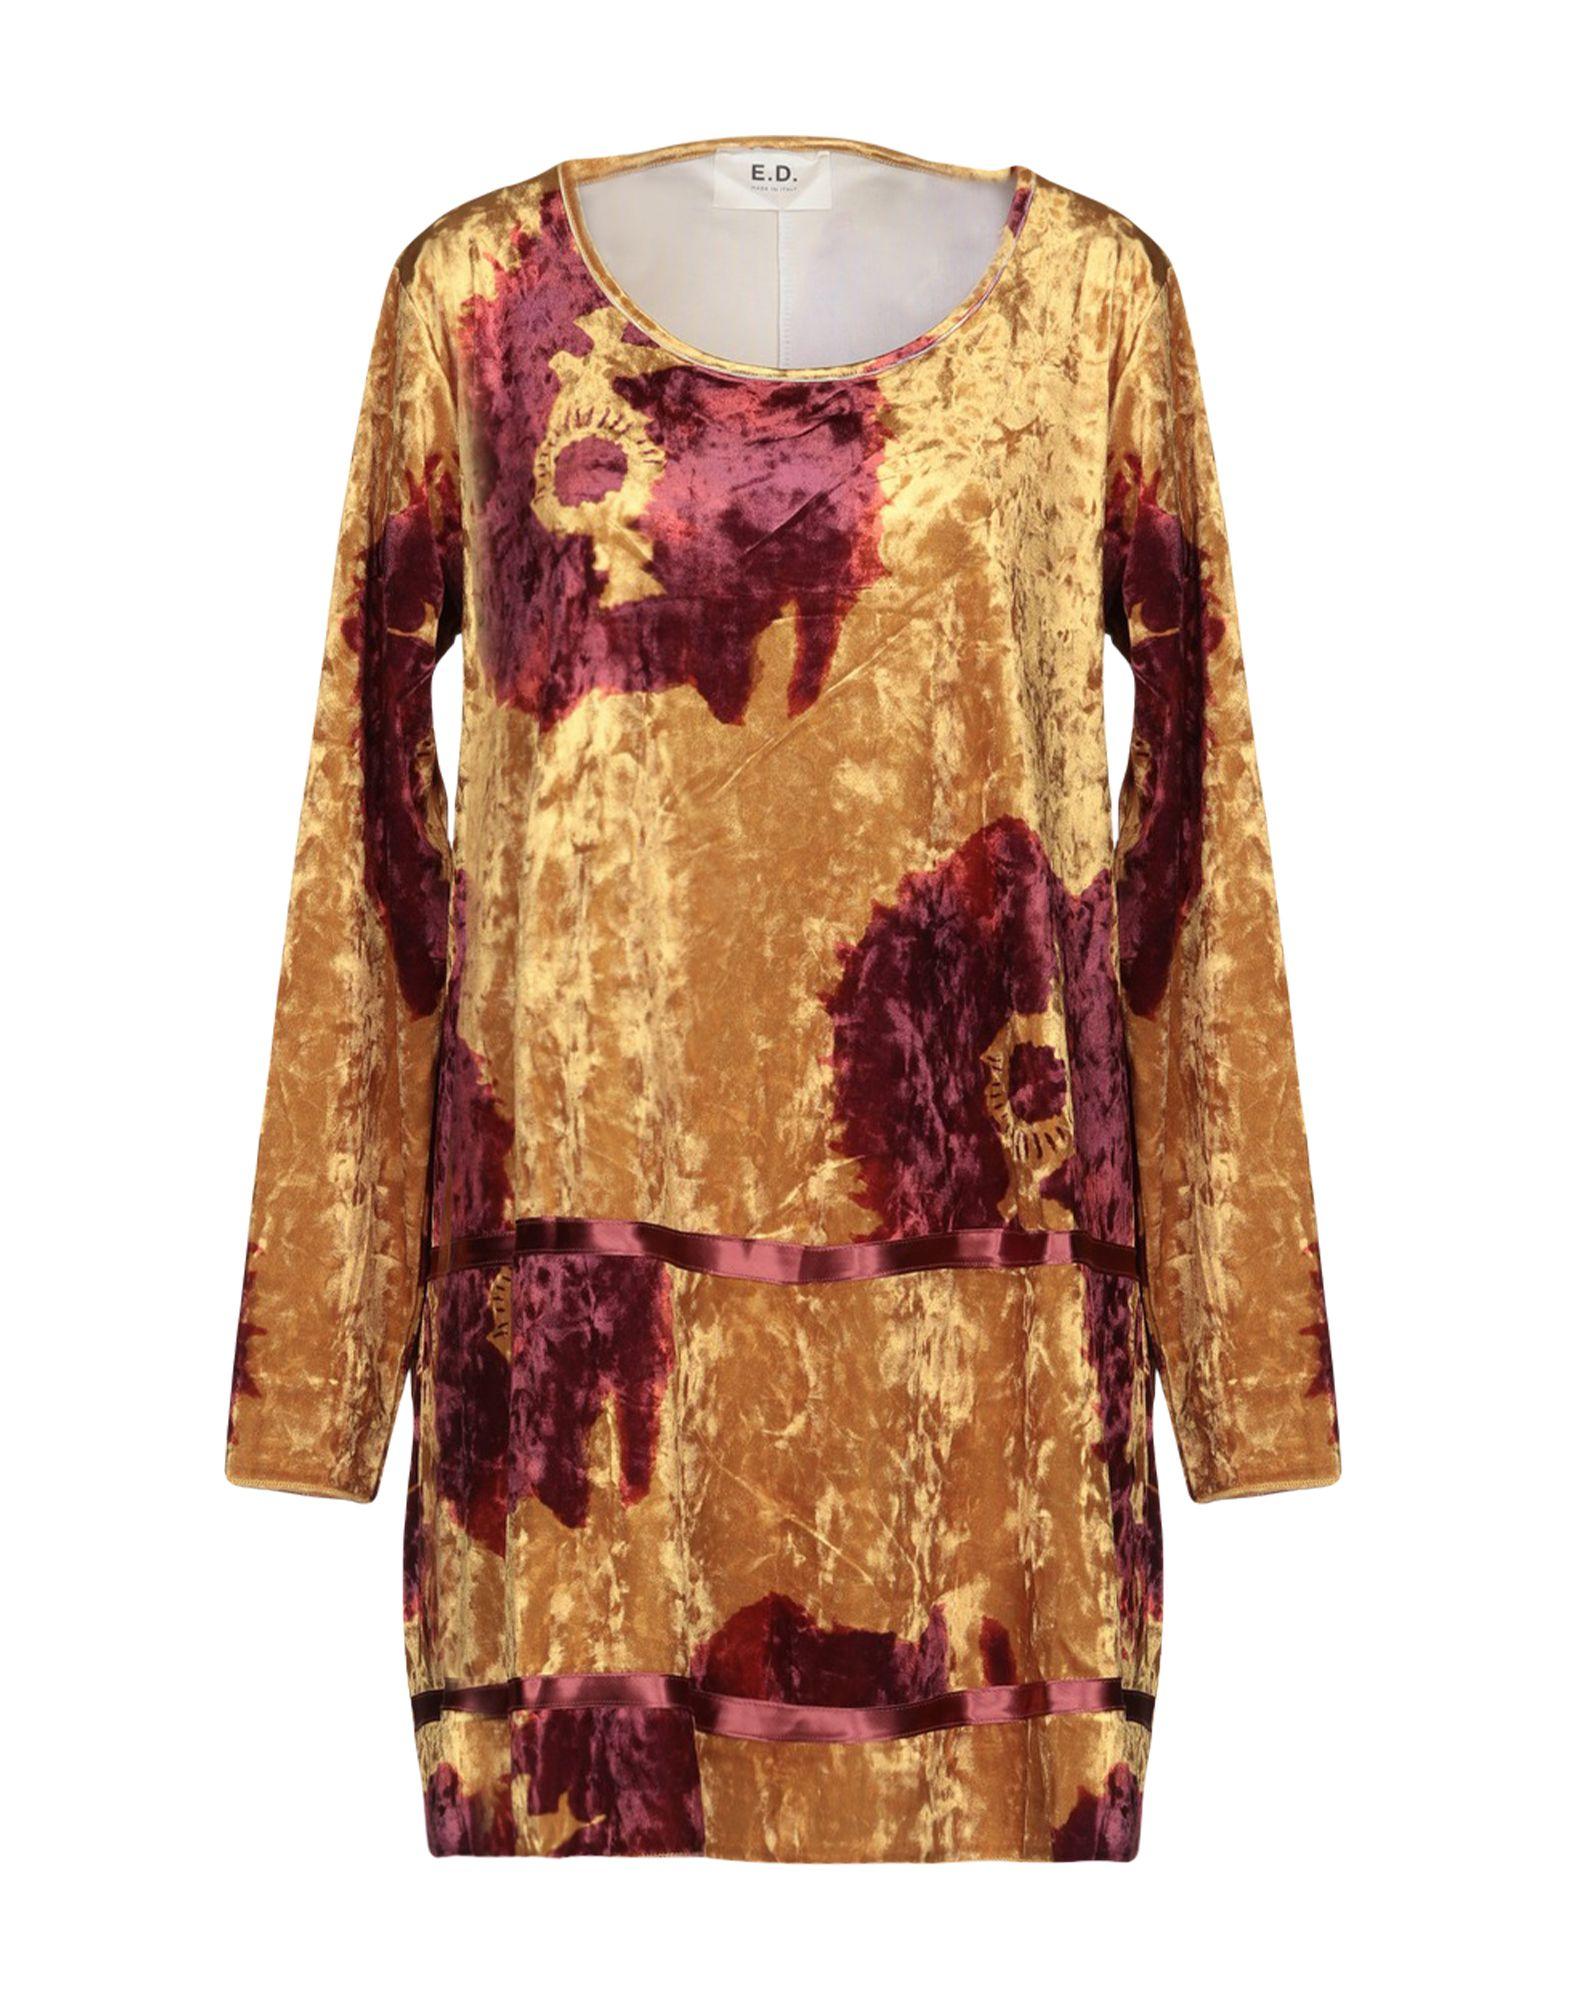 E.D. | E.D. Short dresses | Goxip